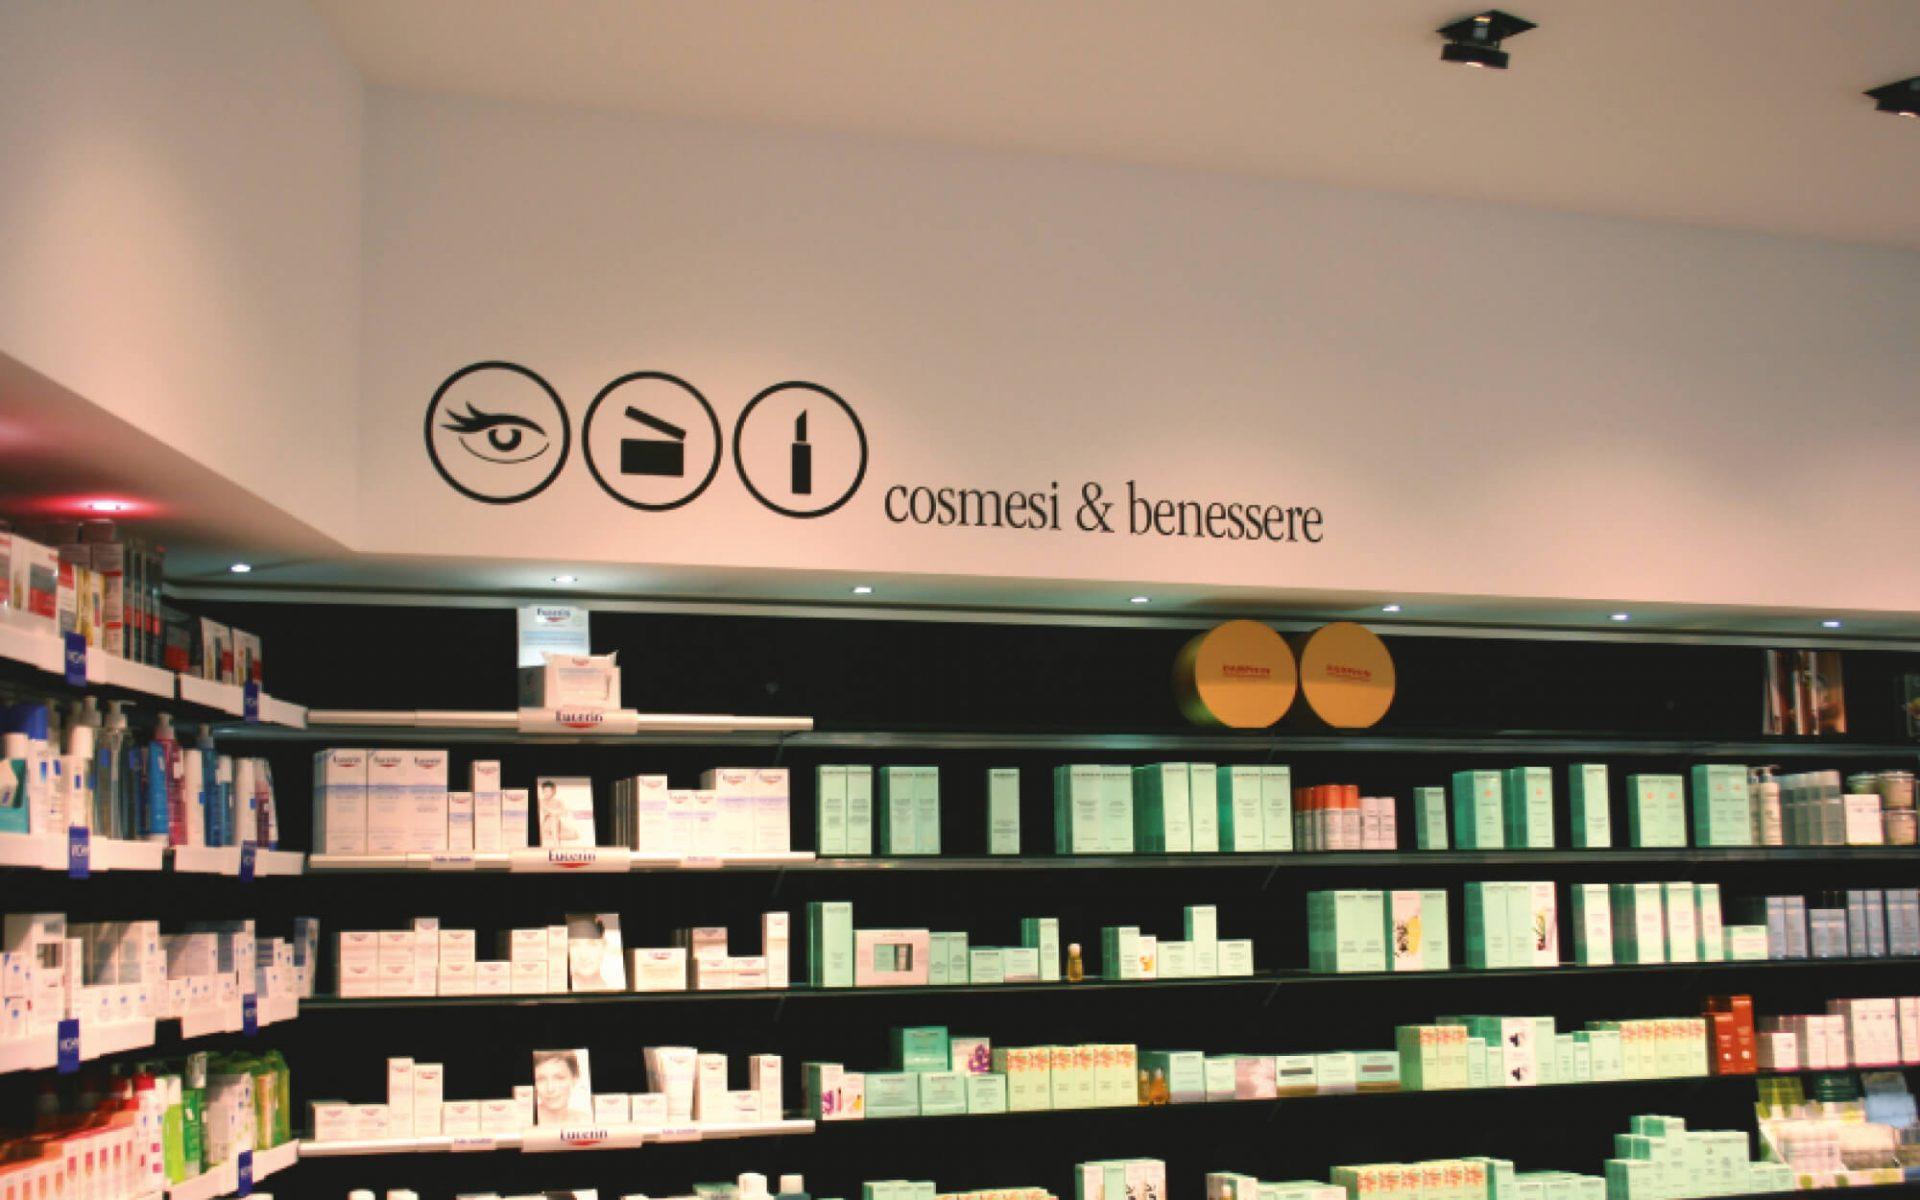 progetto per allestimento grafico interno farmacia, creazione delle icone reparti, progetto diadestudio agenzia di comunicazione arco di trento